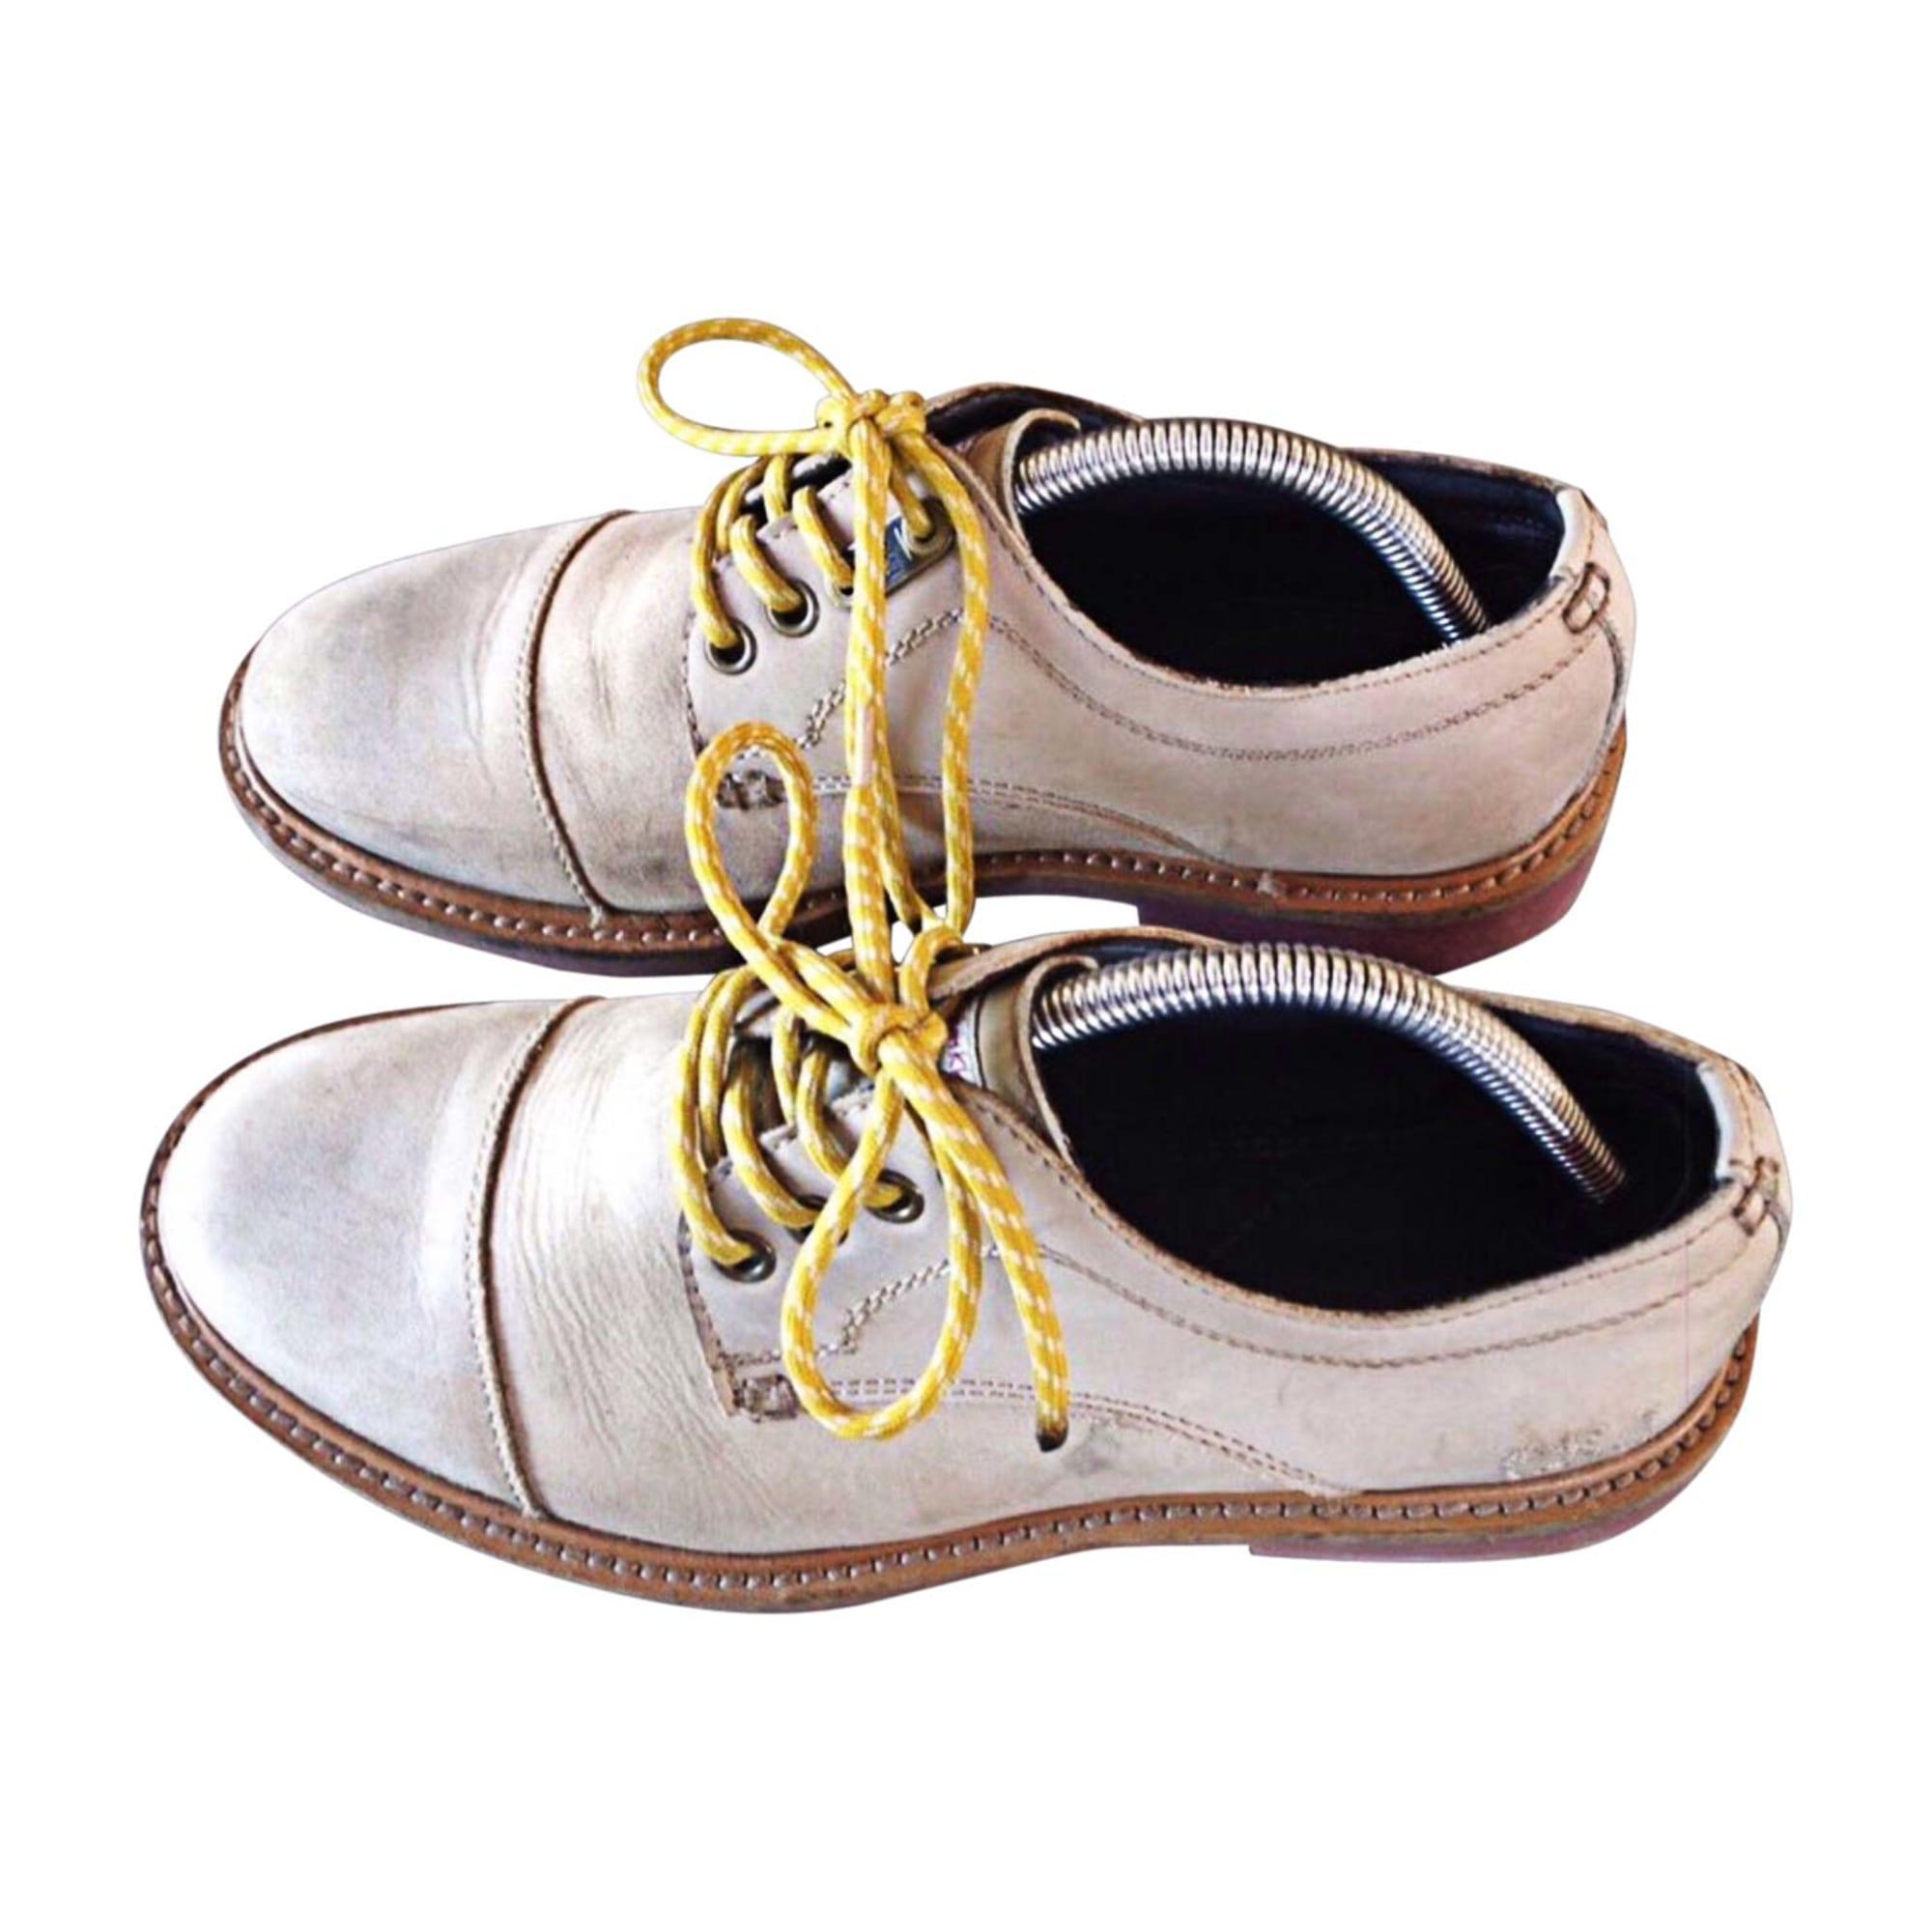 Chaussures à lacets  CALVIN KLEIN Beige, camel